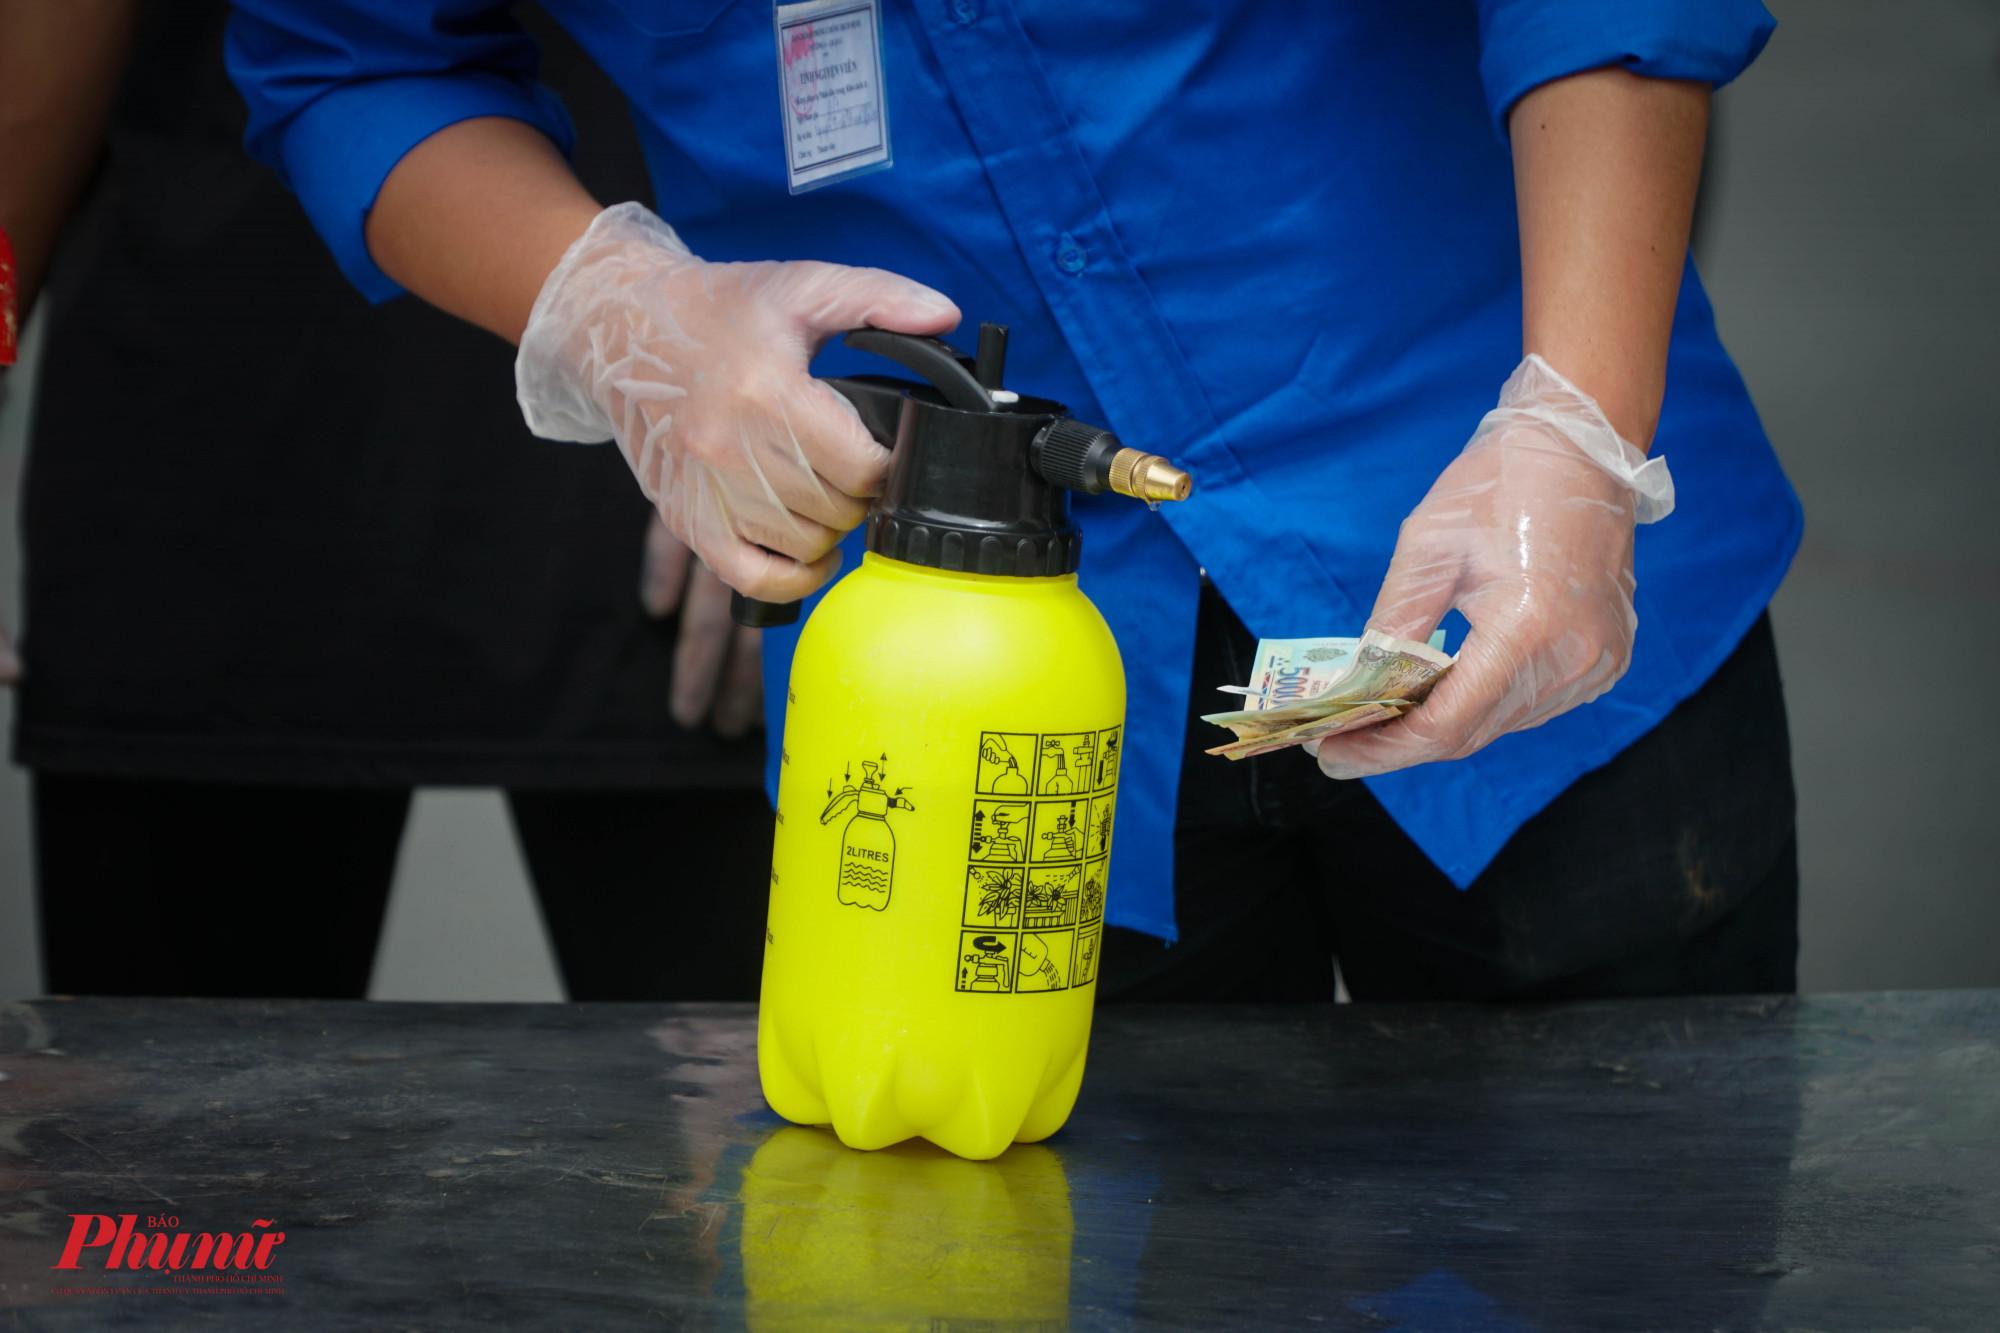 Phàn tiền trả cho món hàng cũng được lực lượng phun khử khuẩn trước khi gửi lại nhân viên giao hàng